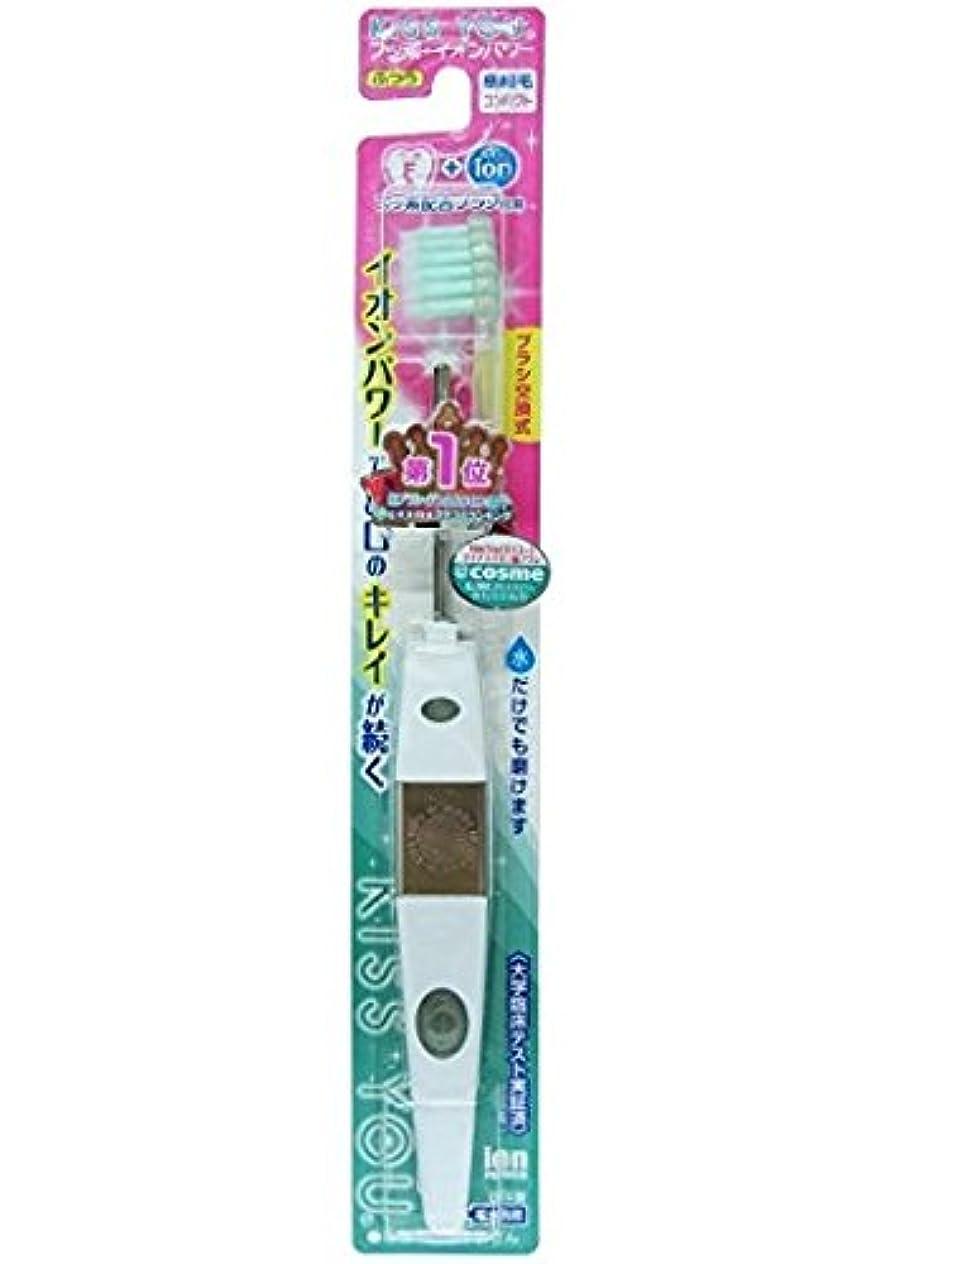 フッ素イオン歯ブラシ極細コンパクト本体ふつう × 3個セット